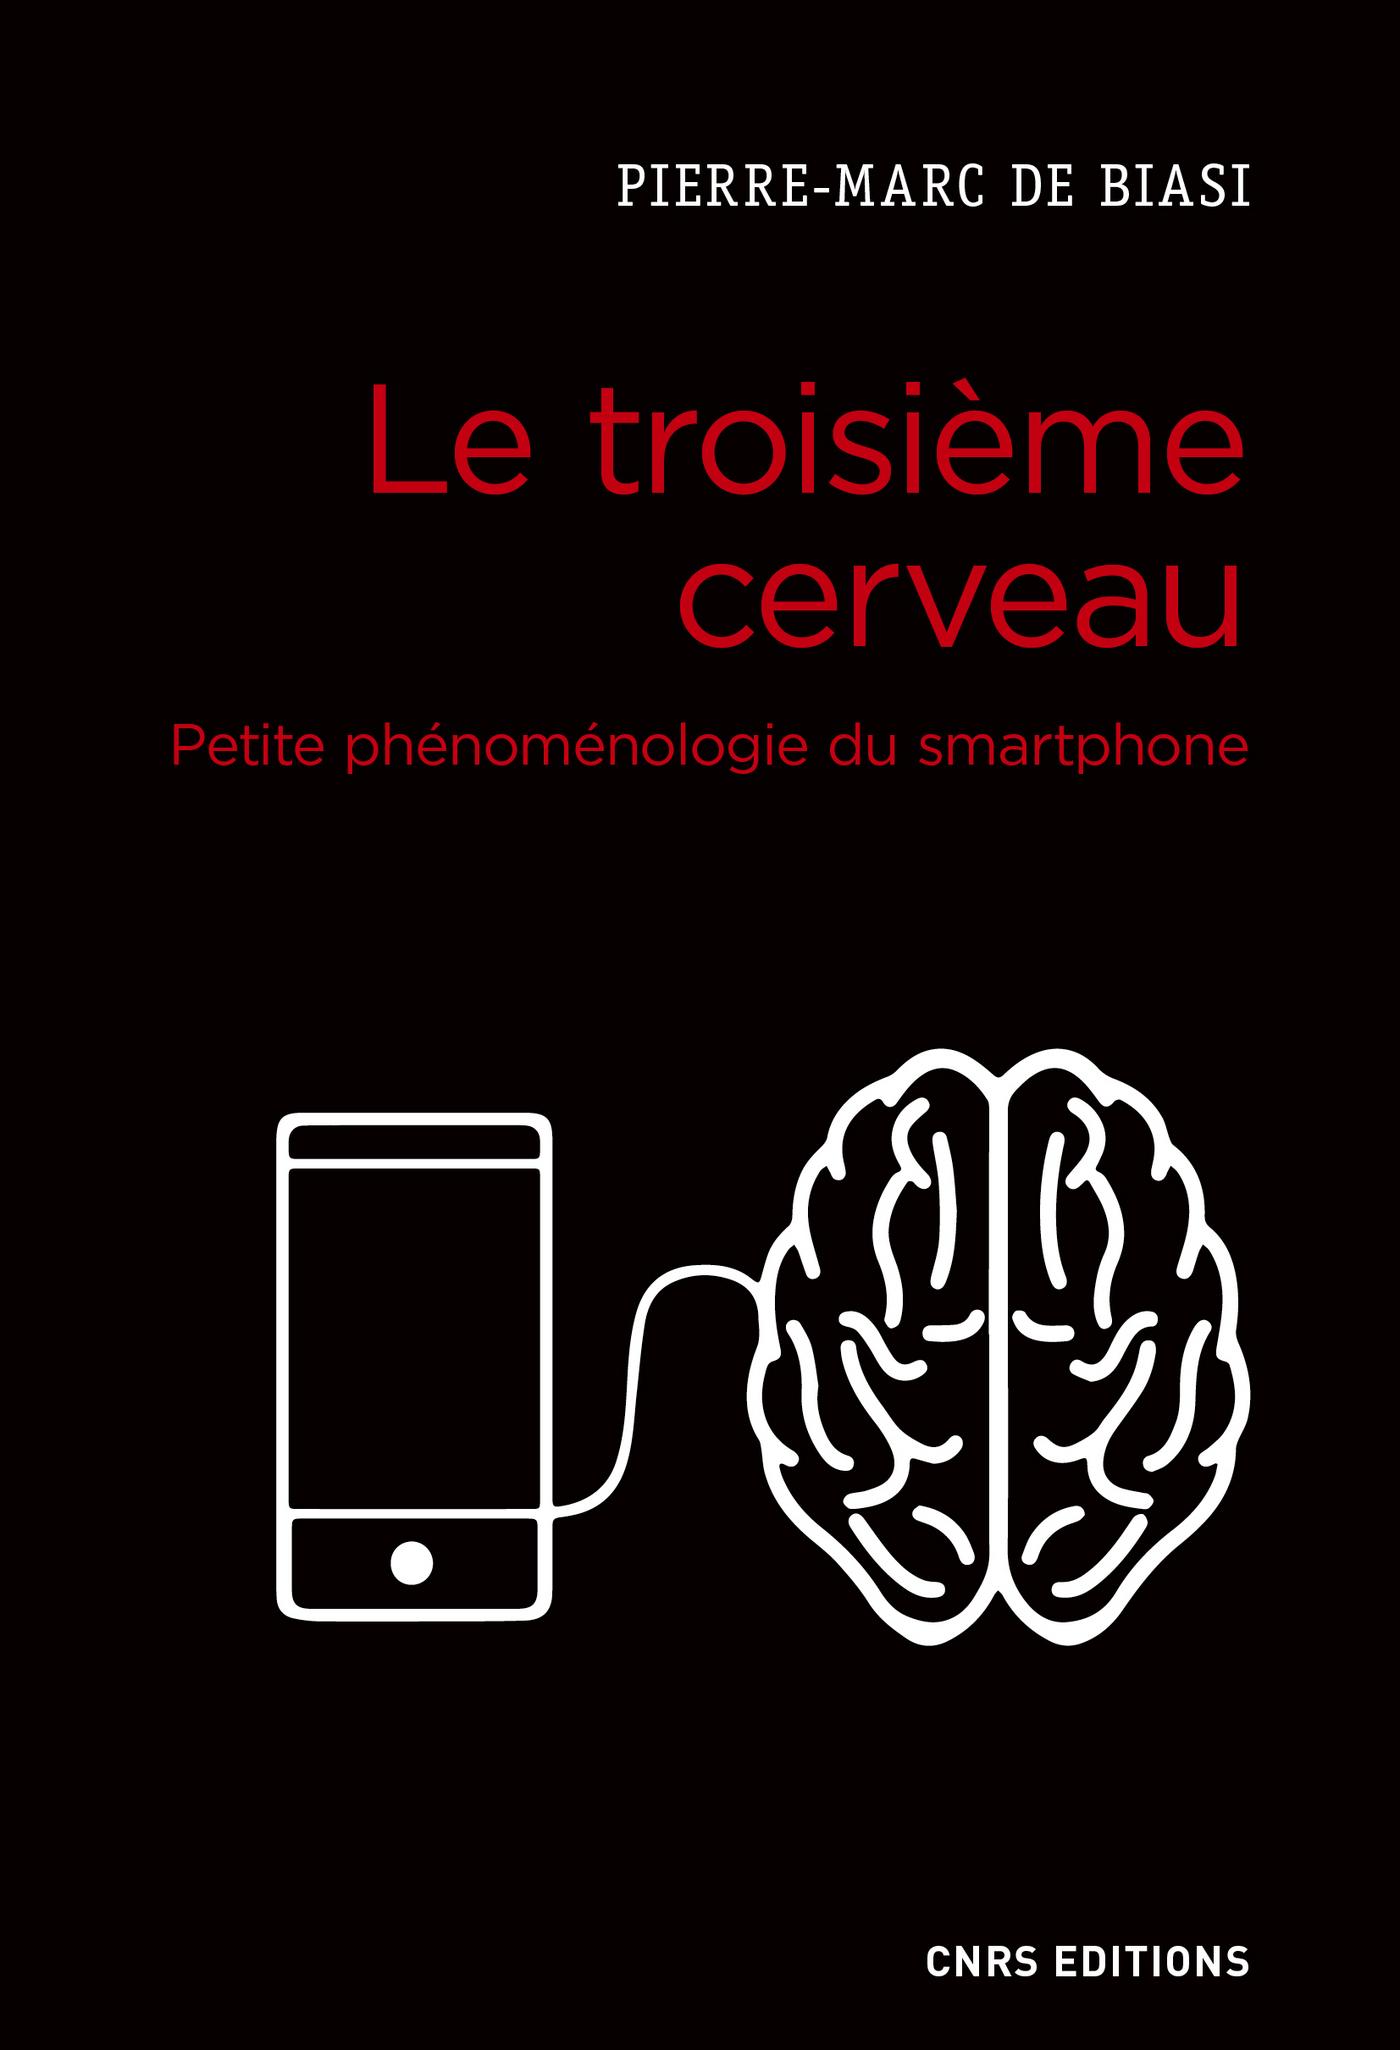 Le troisième cerveau. Petite phénoménologie du smartphone |